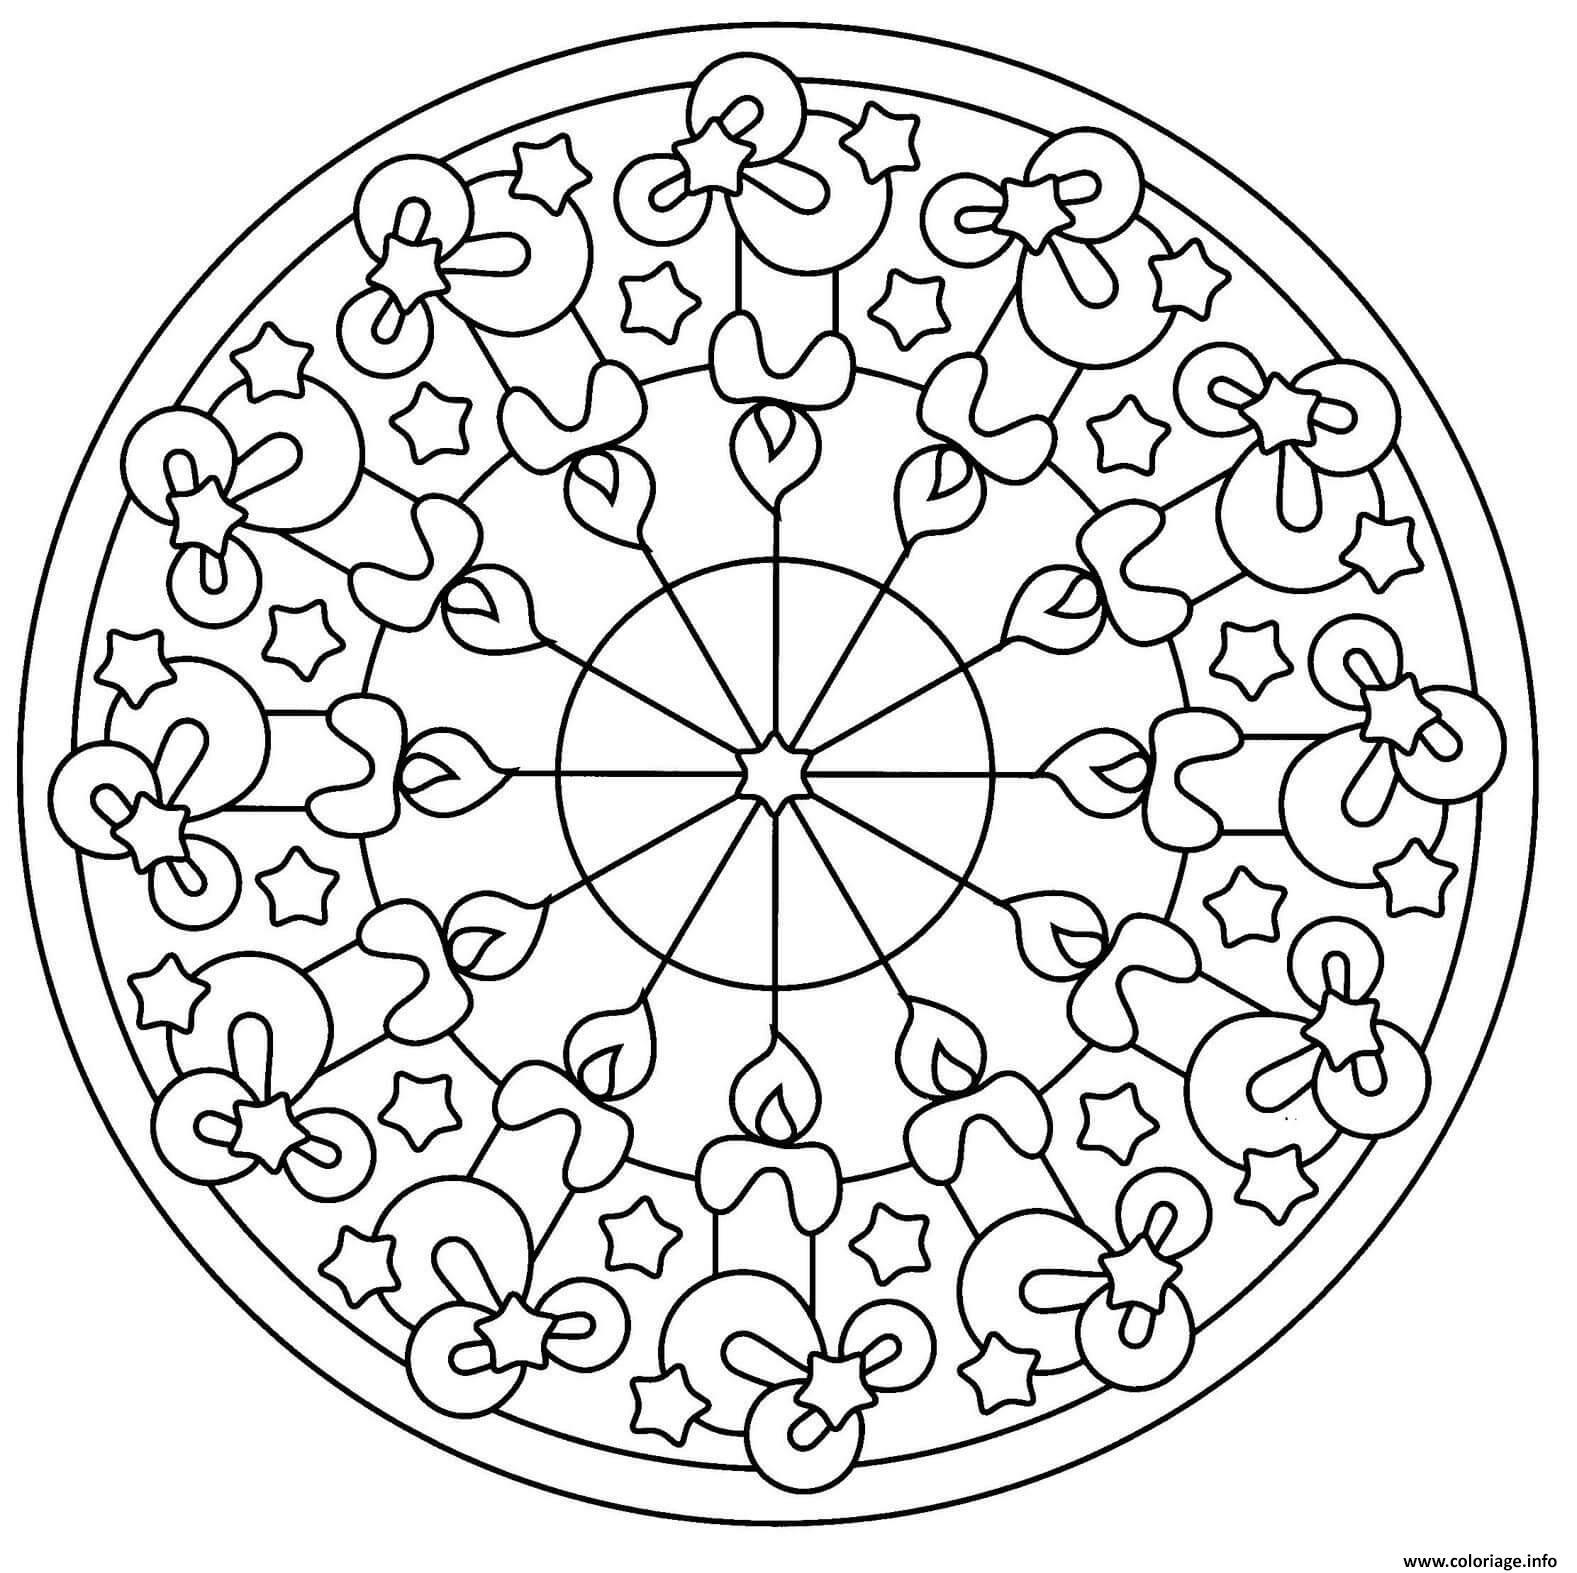 Dessin chandelles mandala de noel Coloriage Gratuit à Imprimer